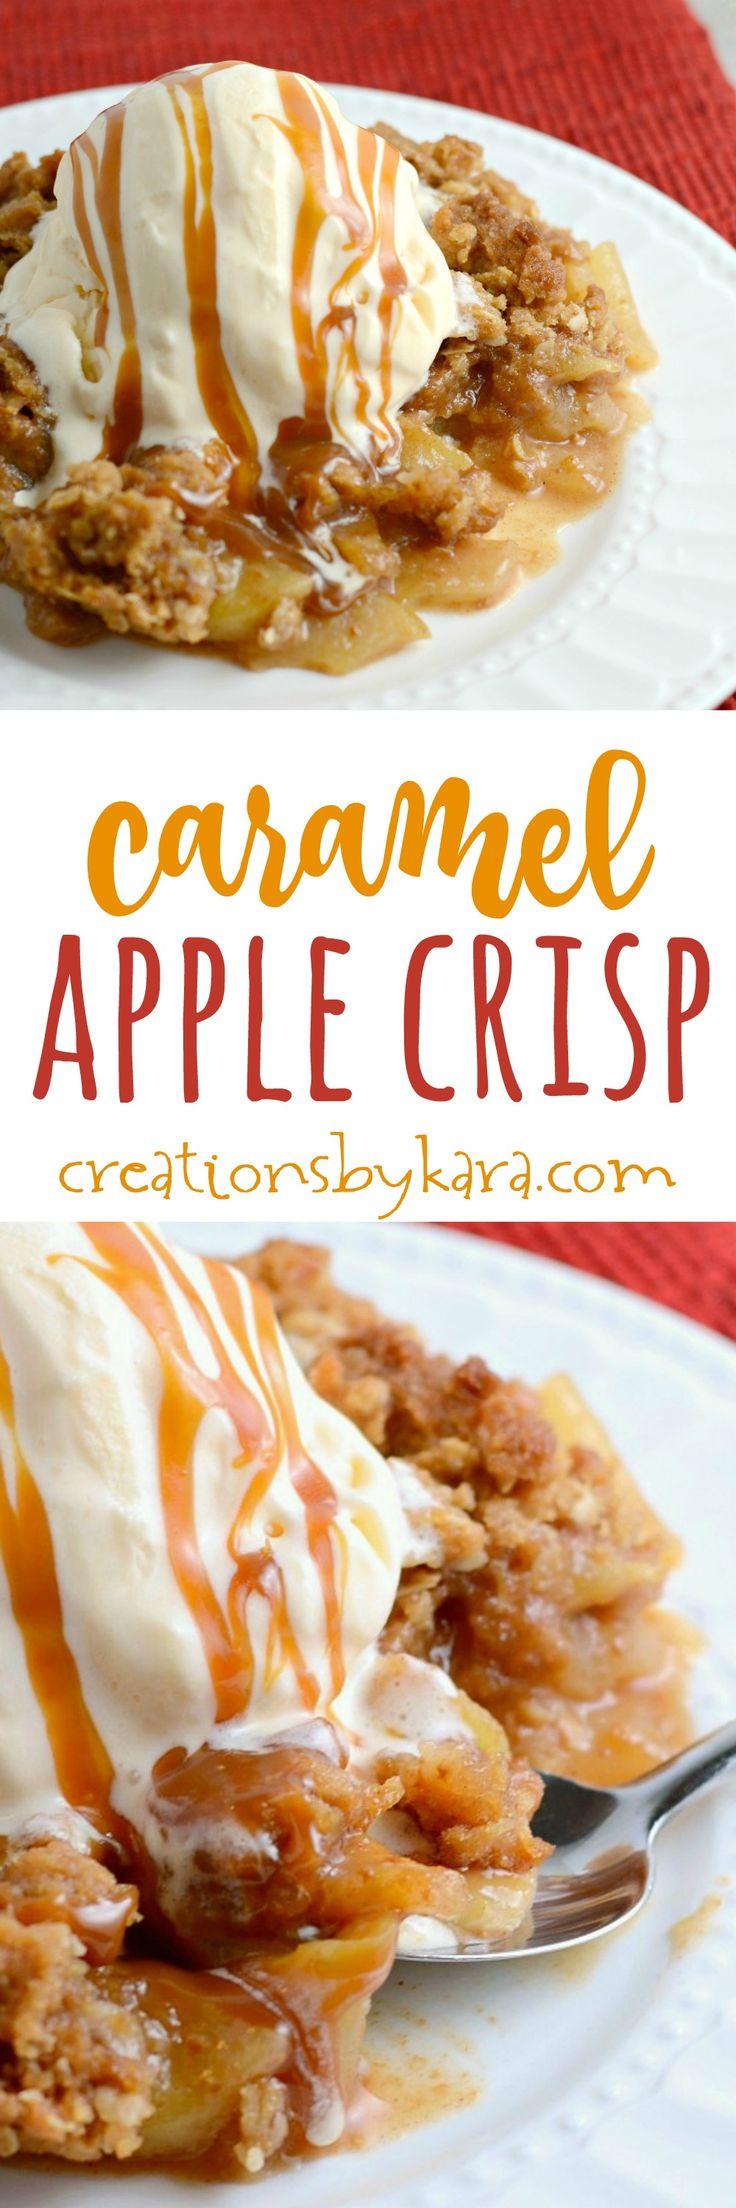 ... cream apple crisp vanilla apple crisp with caramel sauce caramel apple